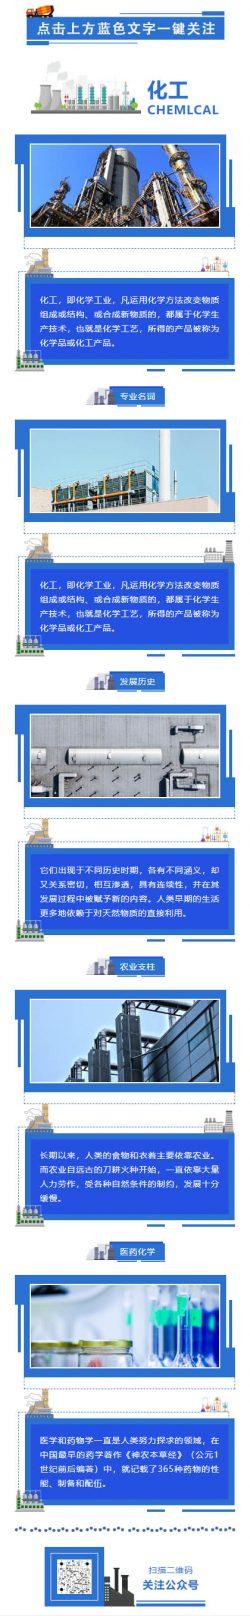 化工即化学工业蓝色工厂制造业微信模板推文素材